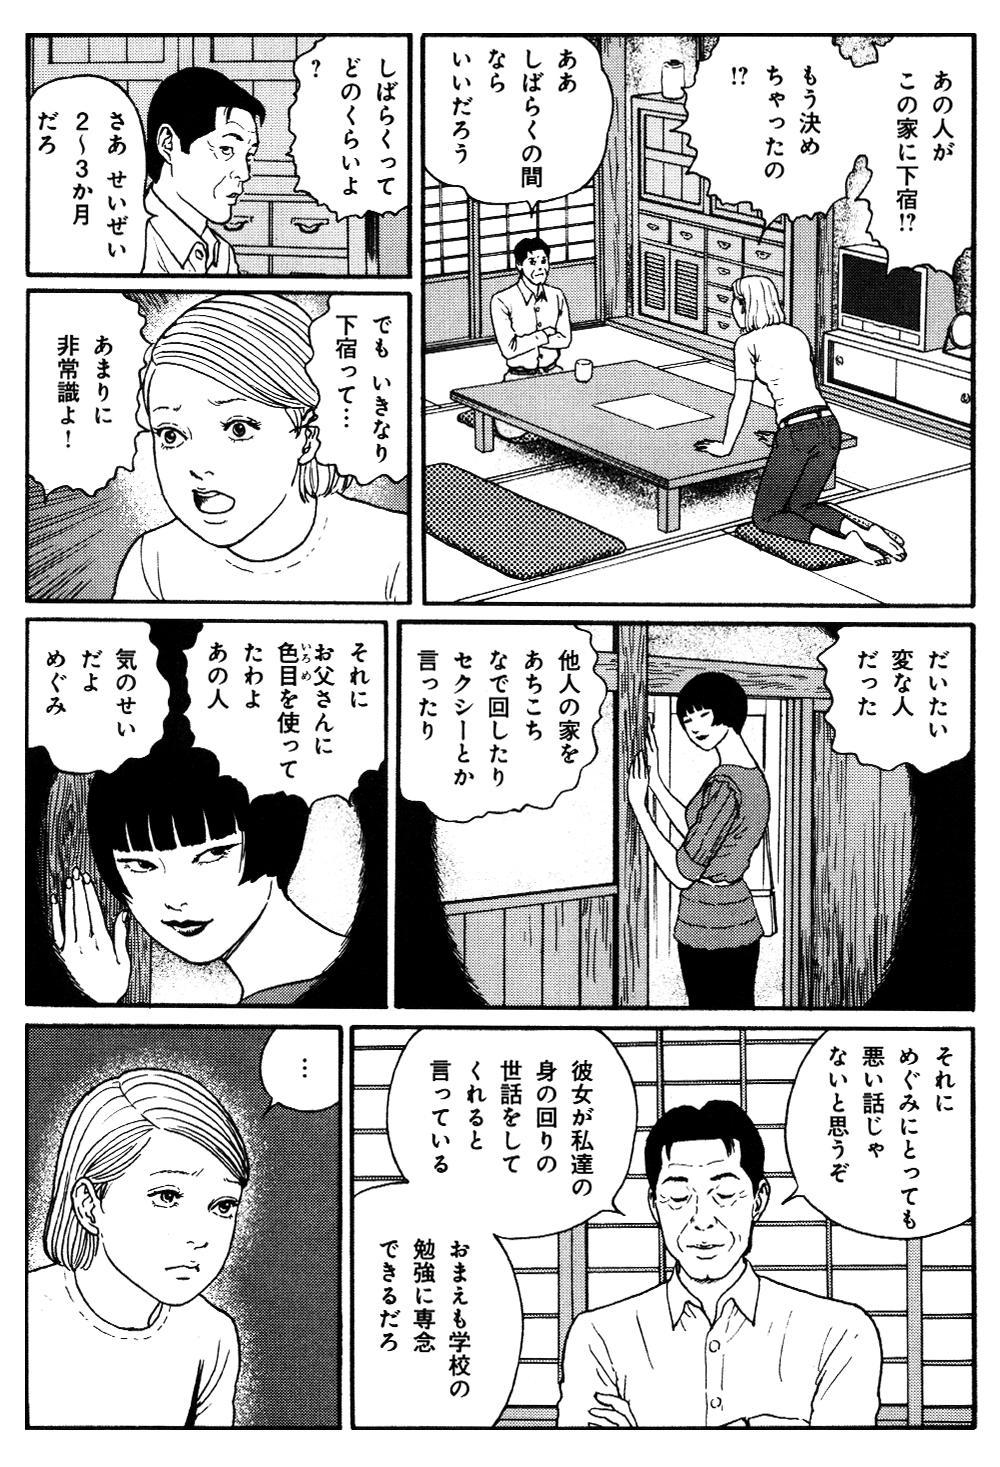 魔の断片 第2話「木造の怪」①manodanpen02-09.jpg